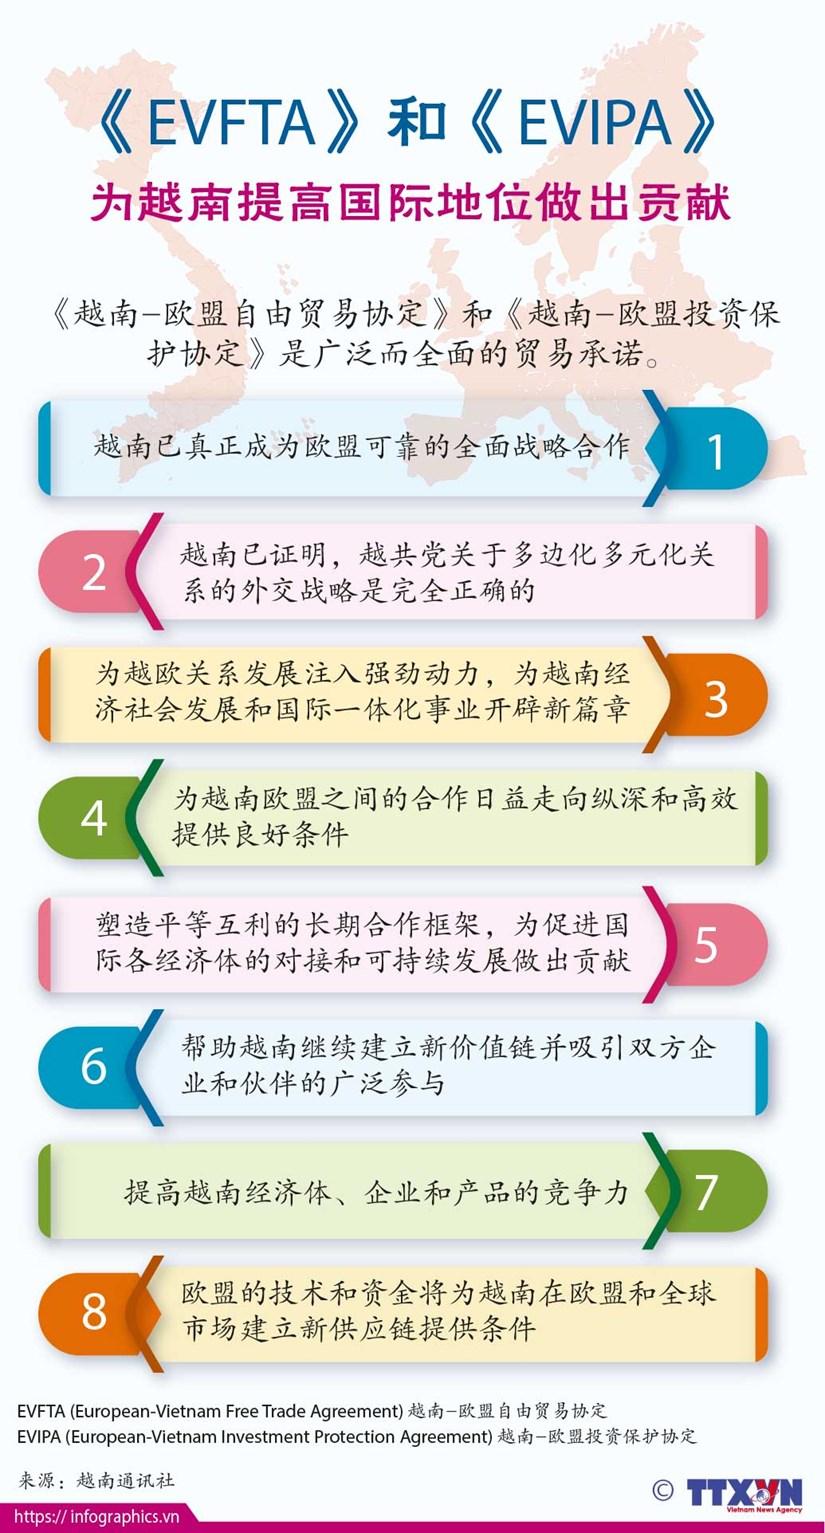 图表新闻:《EVFTA》和《EVIPA》 为越南提高国际地位做出贡献 hinh anh 1